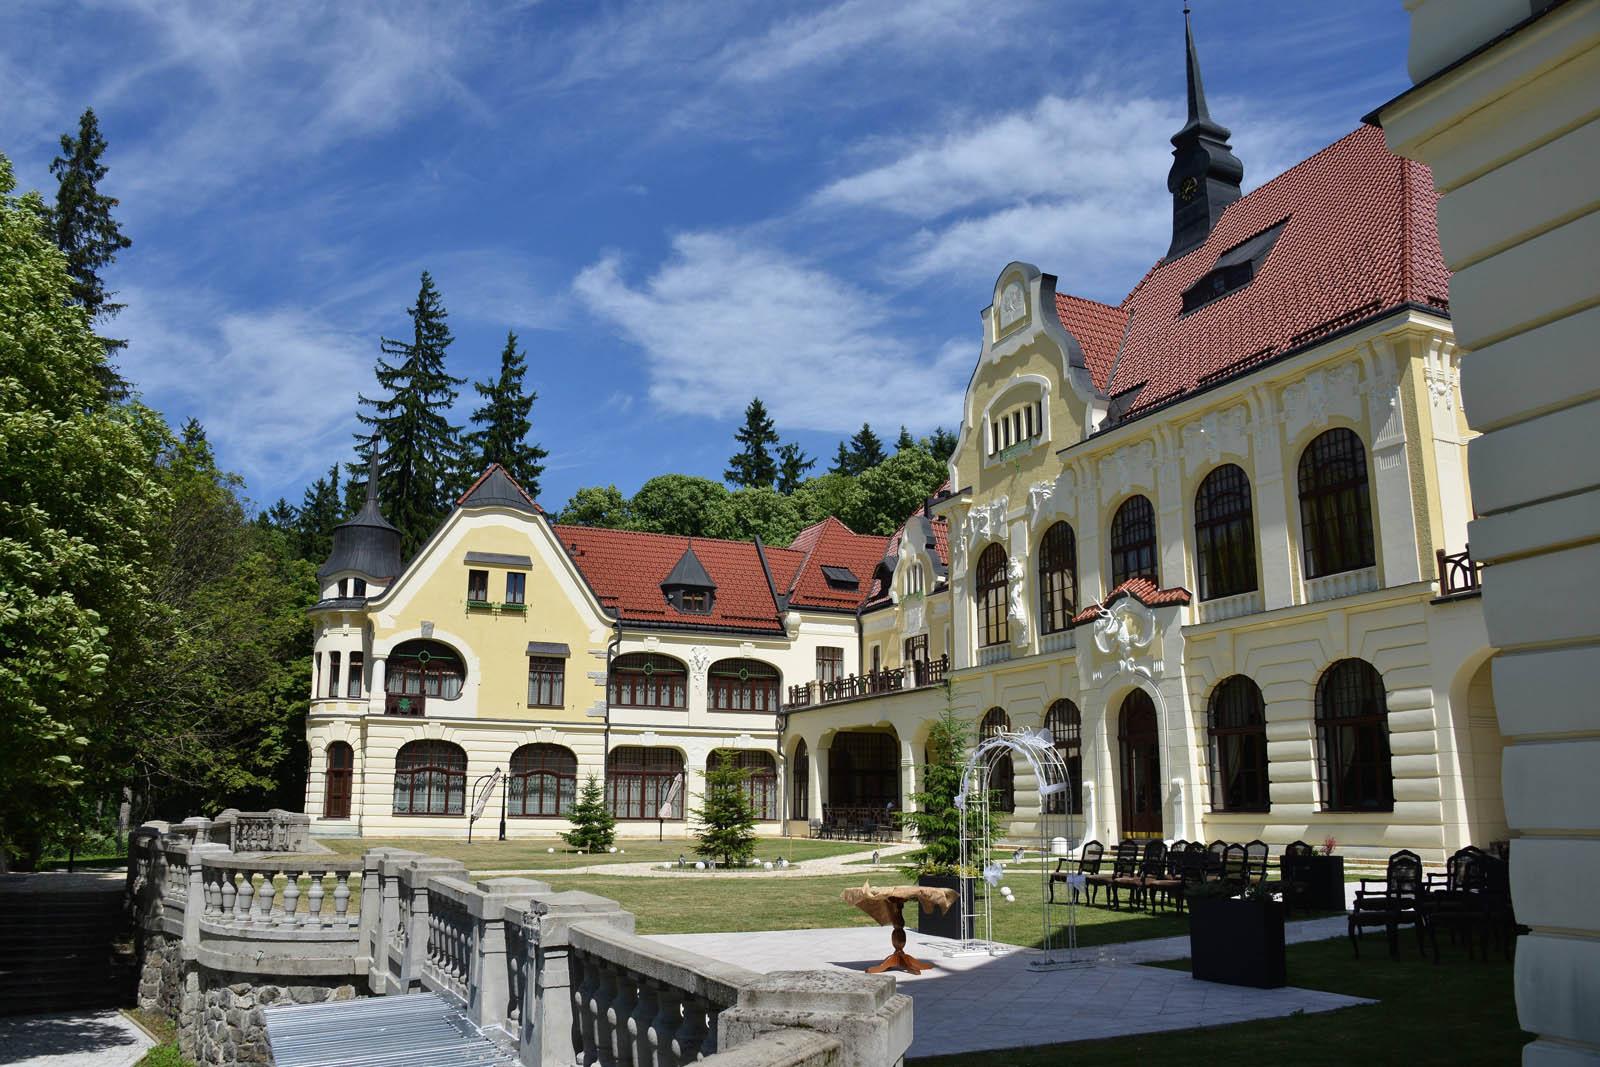 Kristall Kronleuchter Tschechien ~ Kristallundkronleuchter erfahrungen und bewertungen